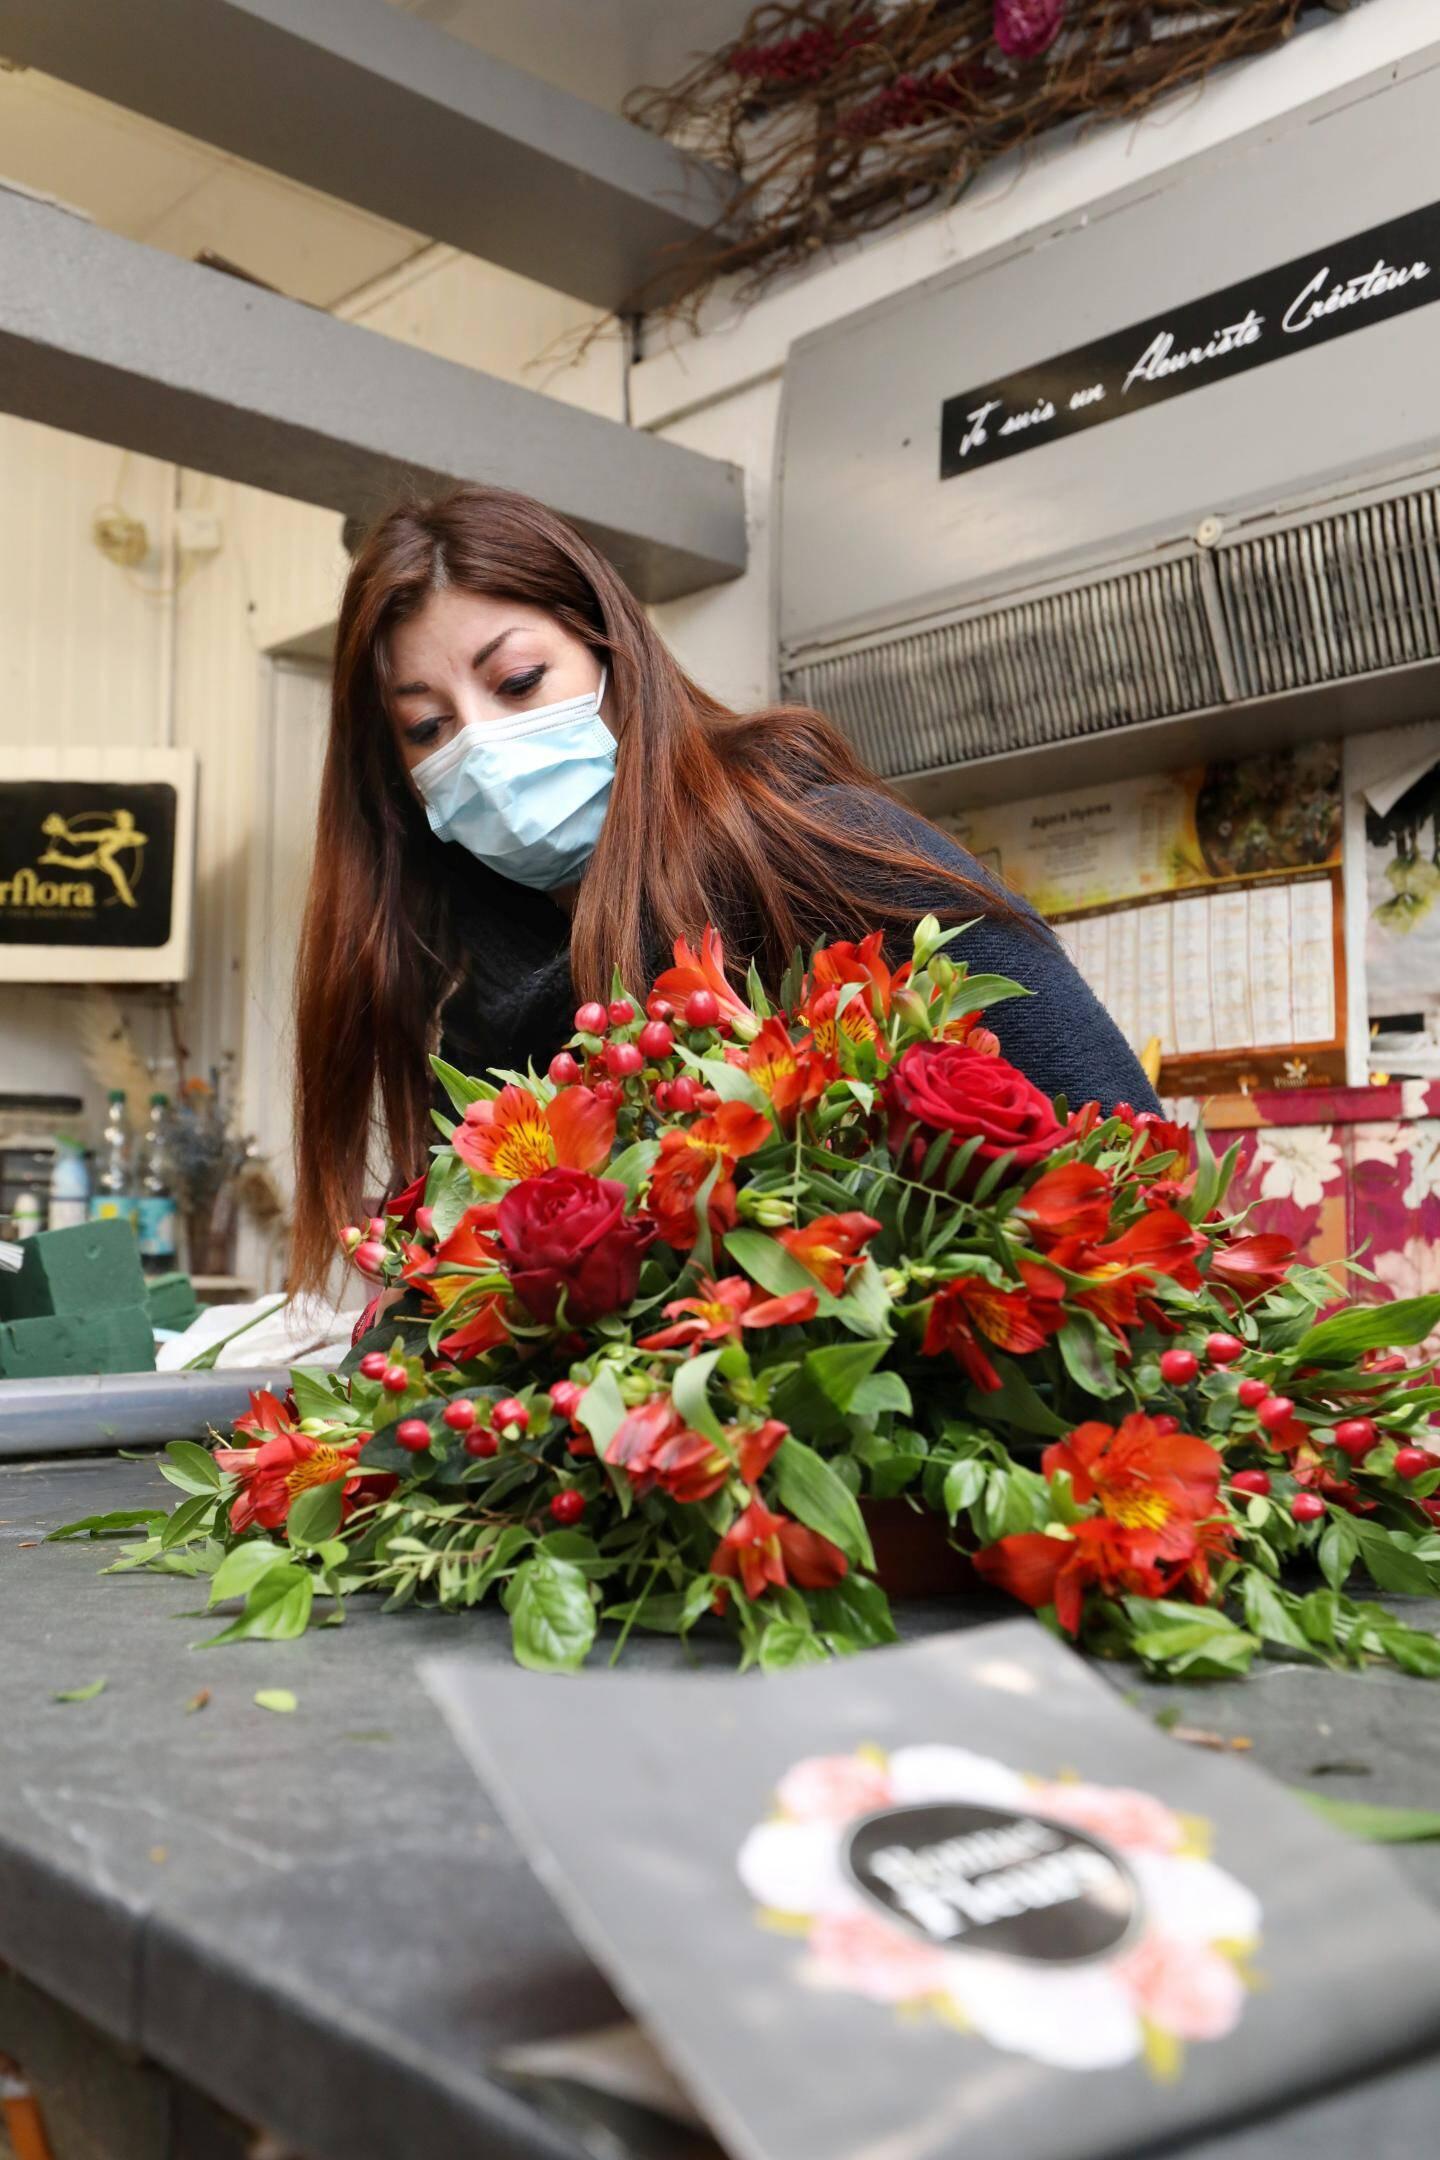 Alison, responsable de Bonnet fleurs; éprouve les pires difficultés à joindre les deux bouts.  bonnet fleurs